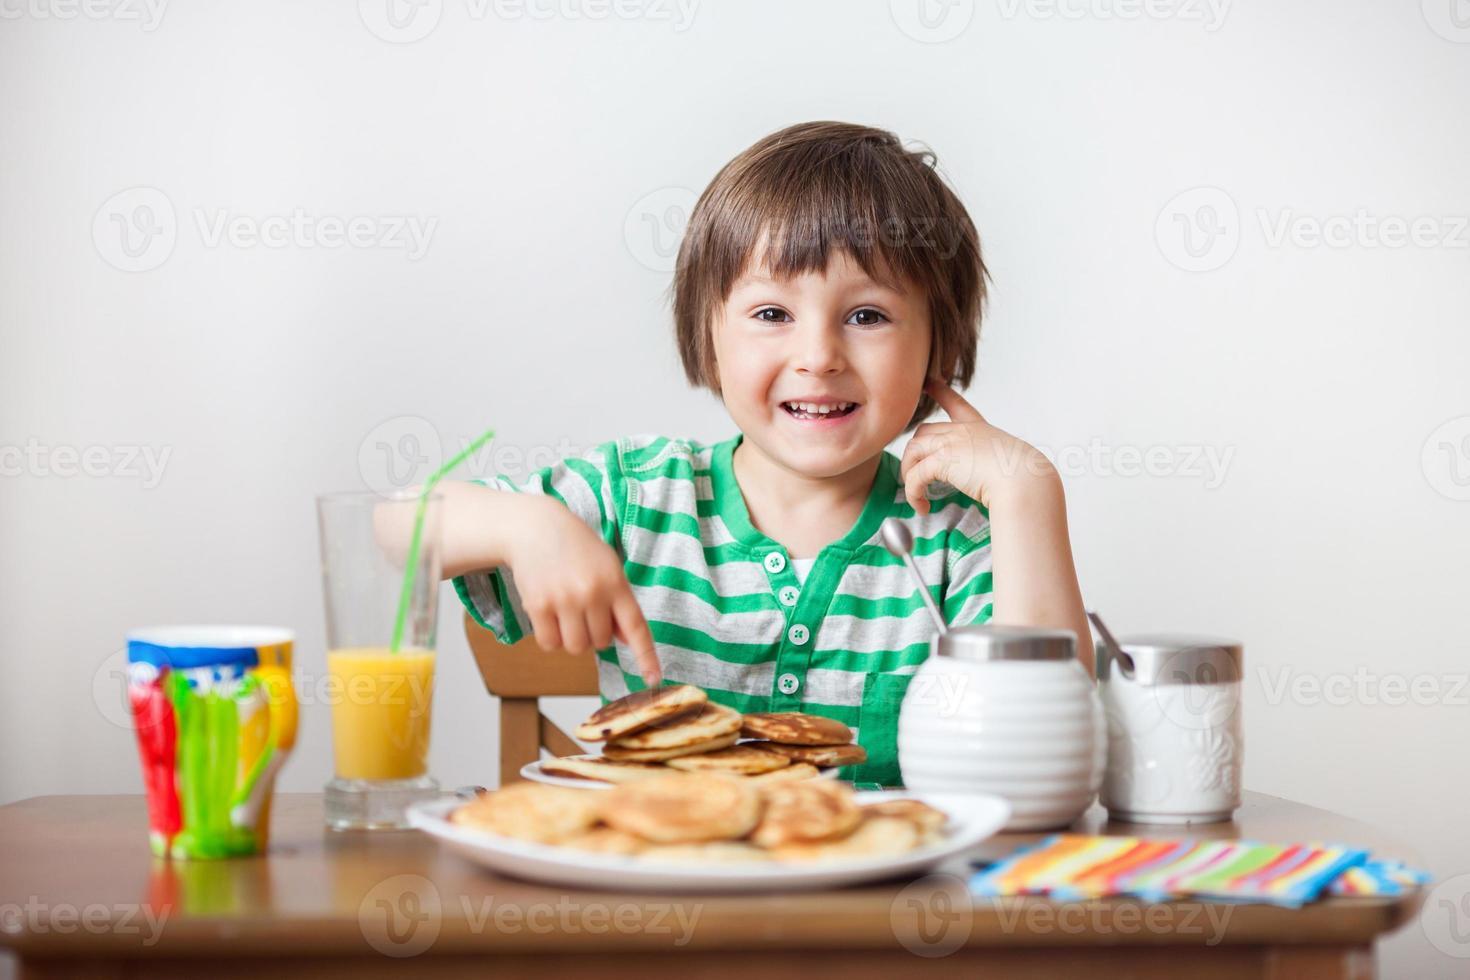 doux petit garçon caucasien, manger des crêpes photo